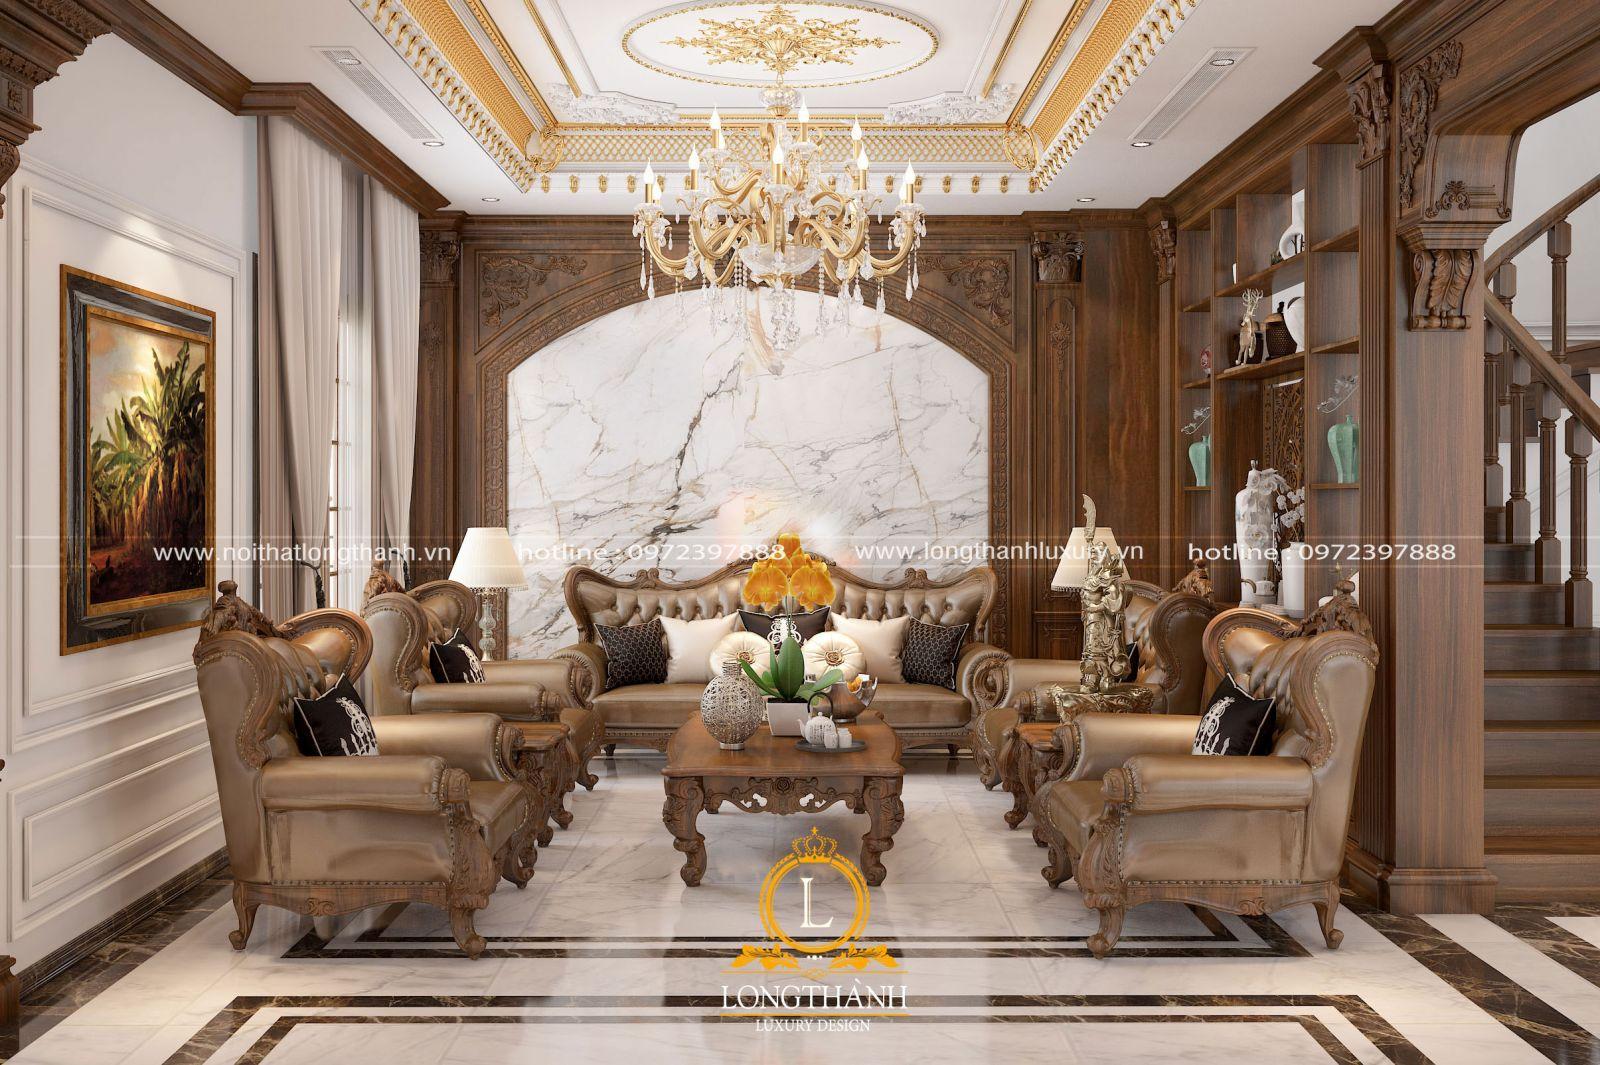 Phòng khách biệt thự khi trang trí nội thất tạo nên vẻ đẹp lộng lẫy